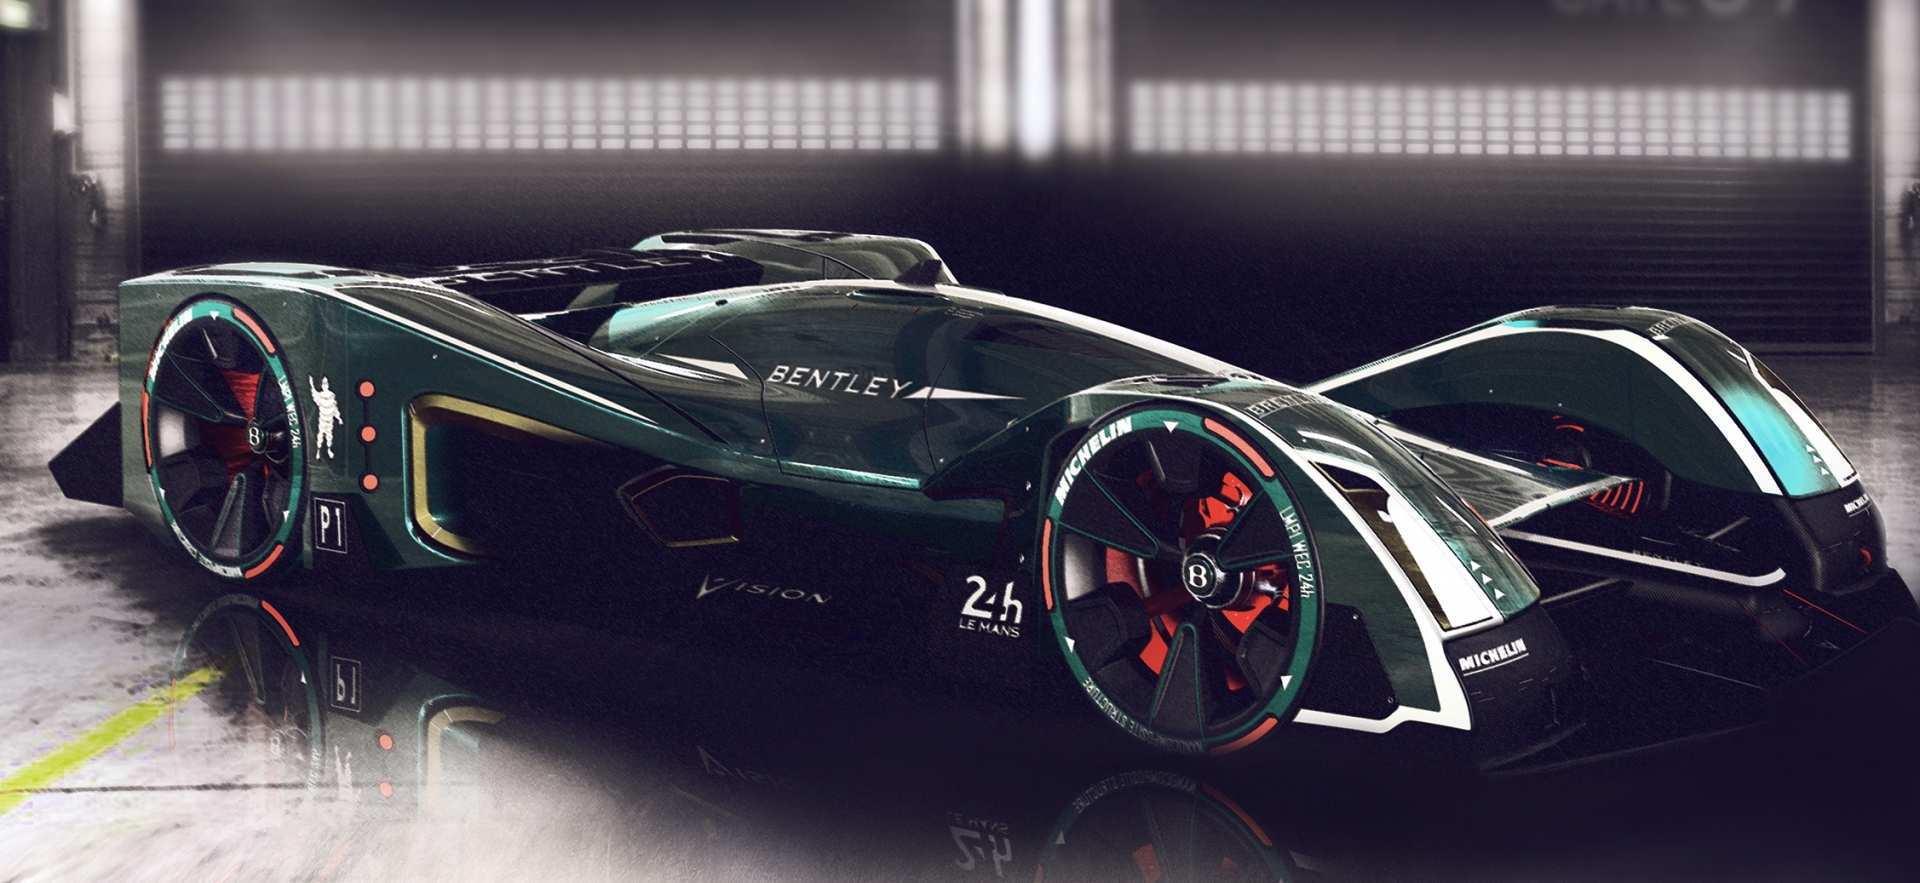 23 Concept of Bentley Lmp1 2019 Price with Bentley Lmp1 2019